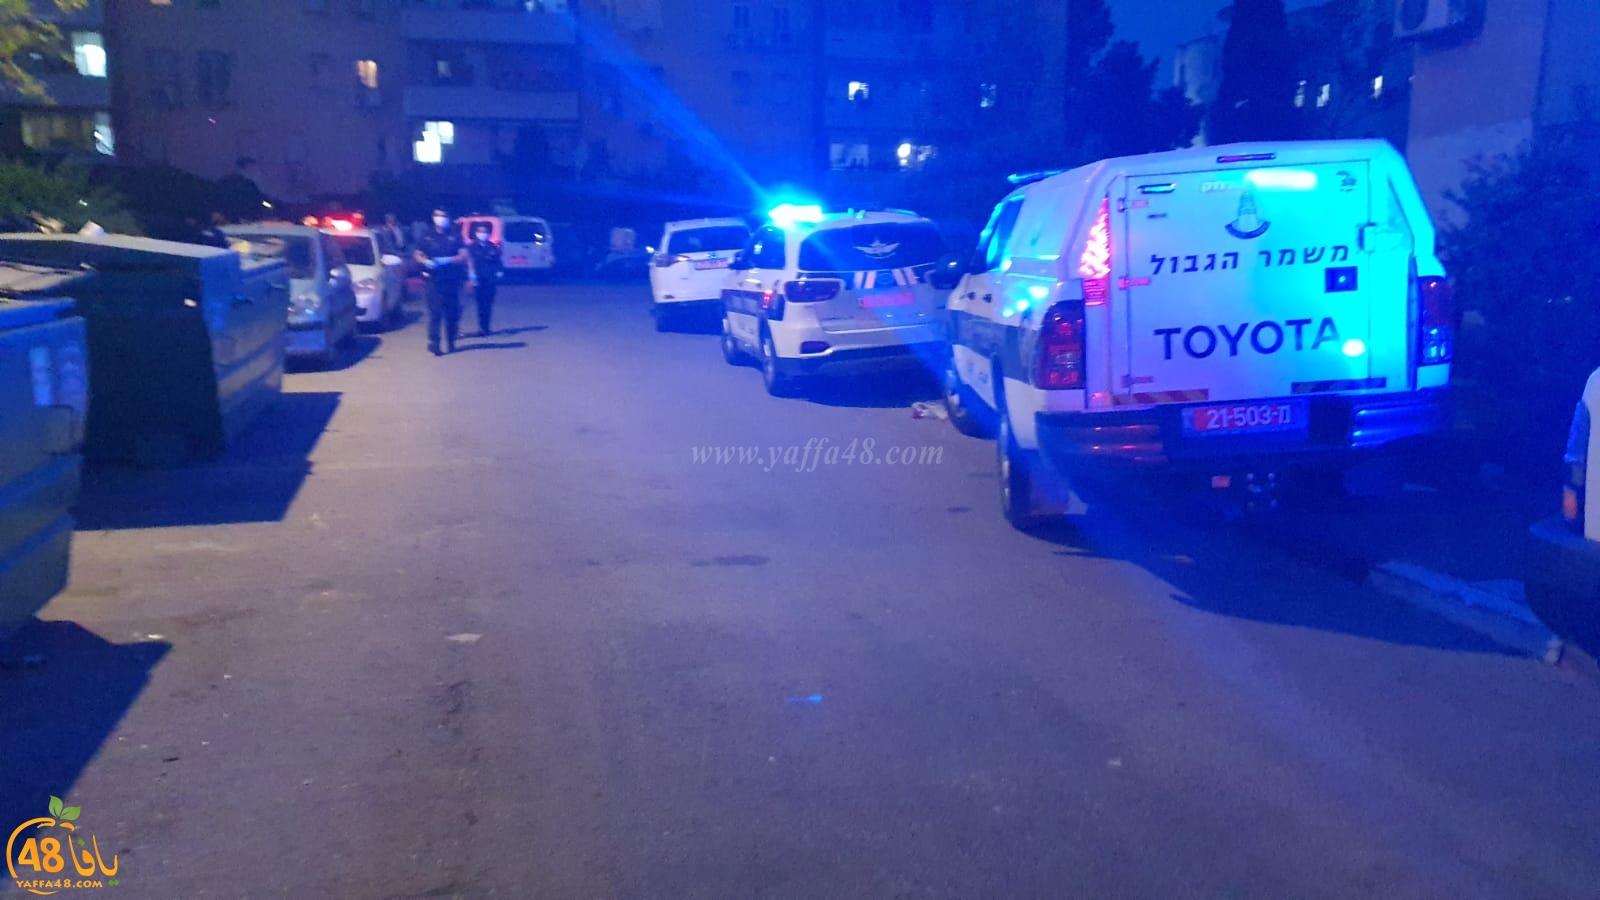 اللد: إصابة طفيفة لشخص بإطلاق نار